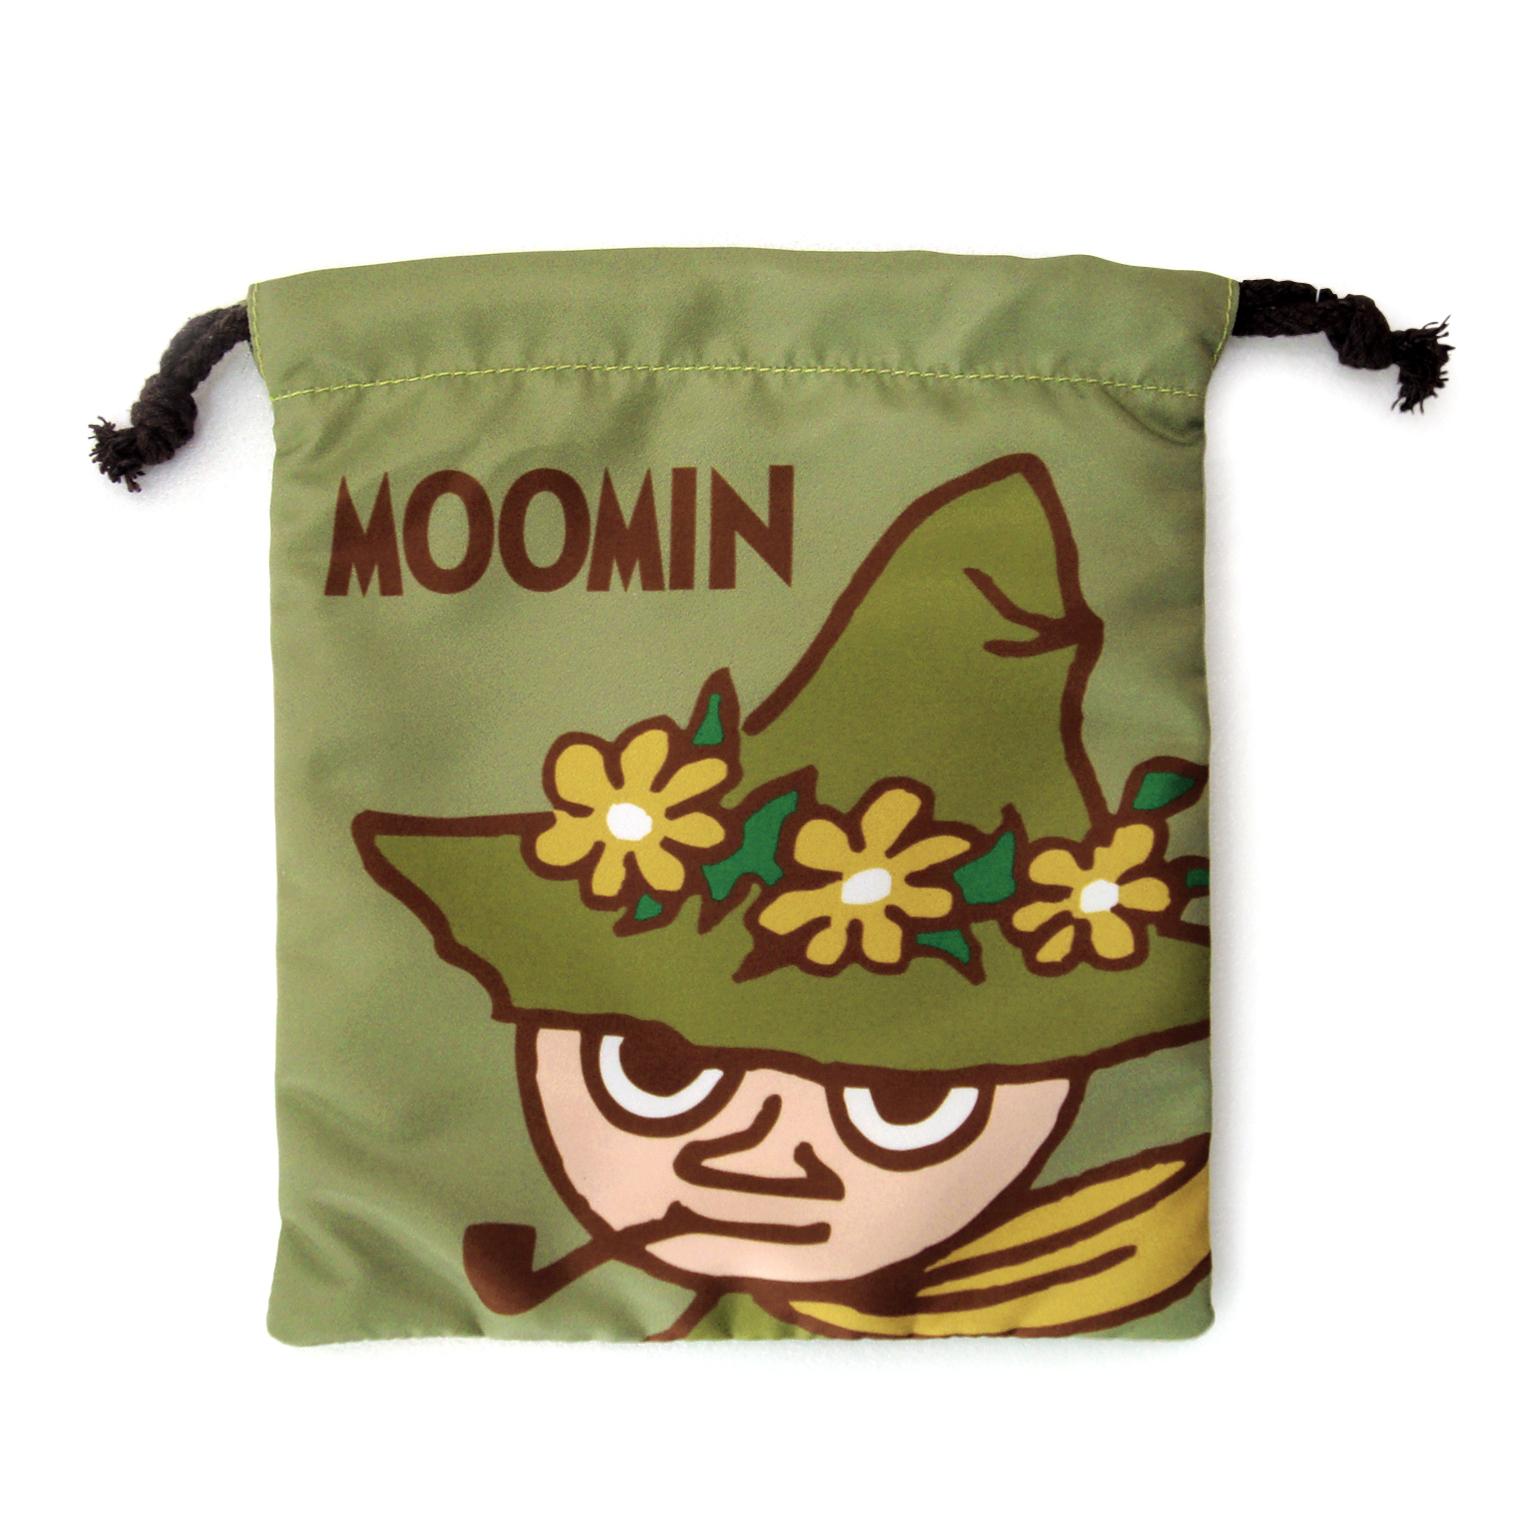 【禾宜精品】正版 Moomin 嚕嚕米 阿金(綠色) 束口袋 束口包 小提袋 時尚包 生活百貨 M102033-F